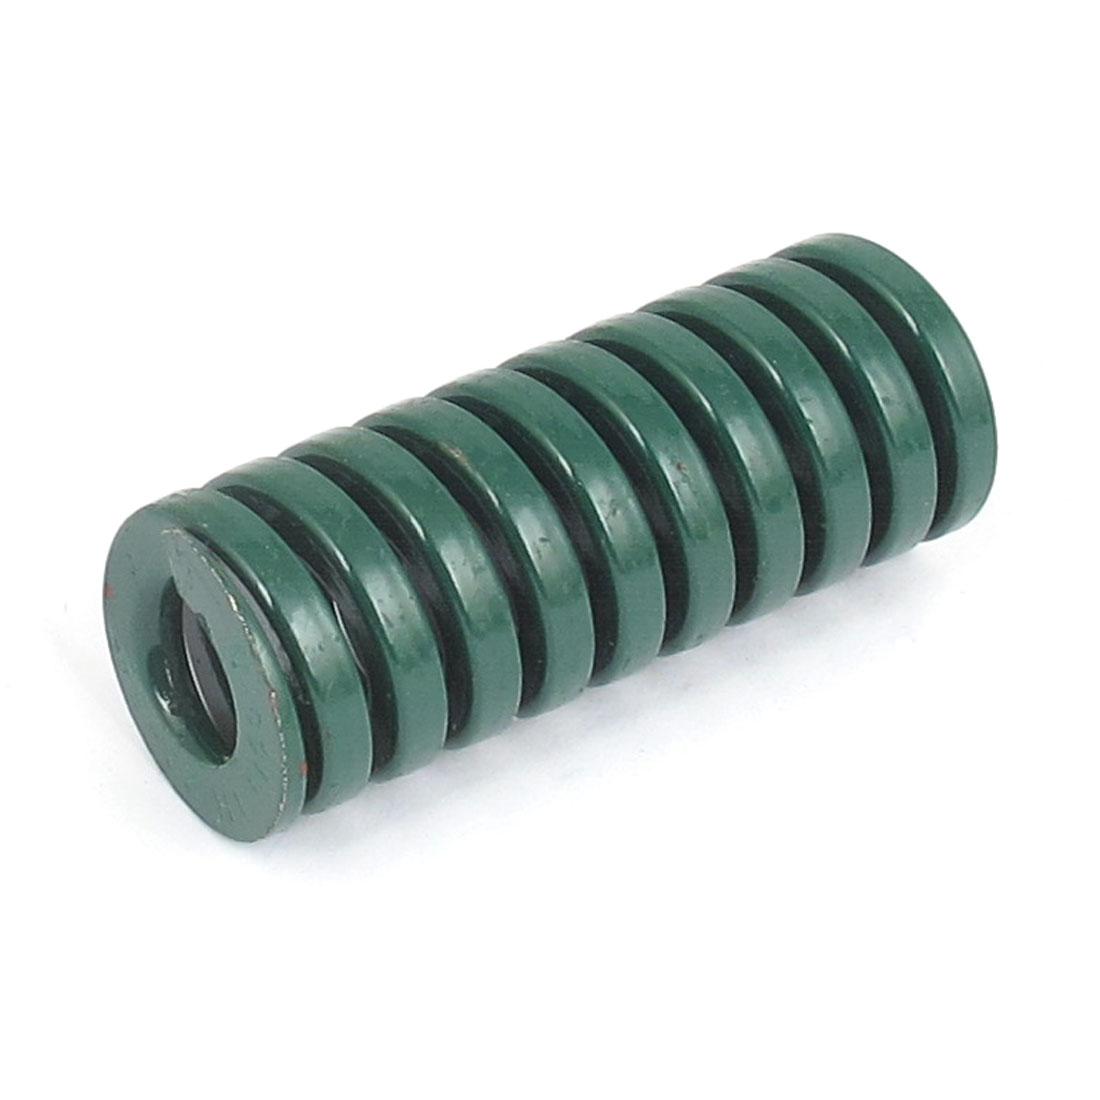 22mmx55mm Chromium Alloy Steel Heavy Load Die Spring Green